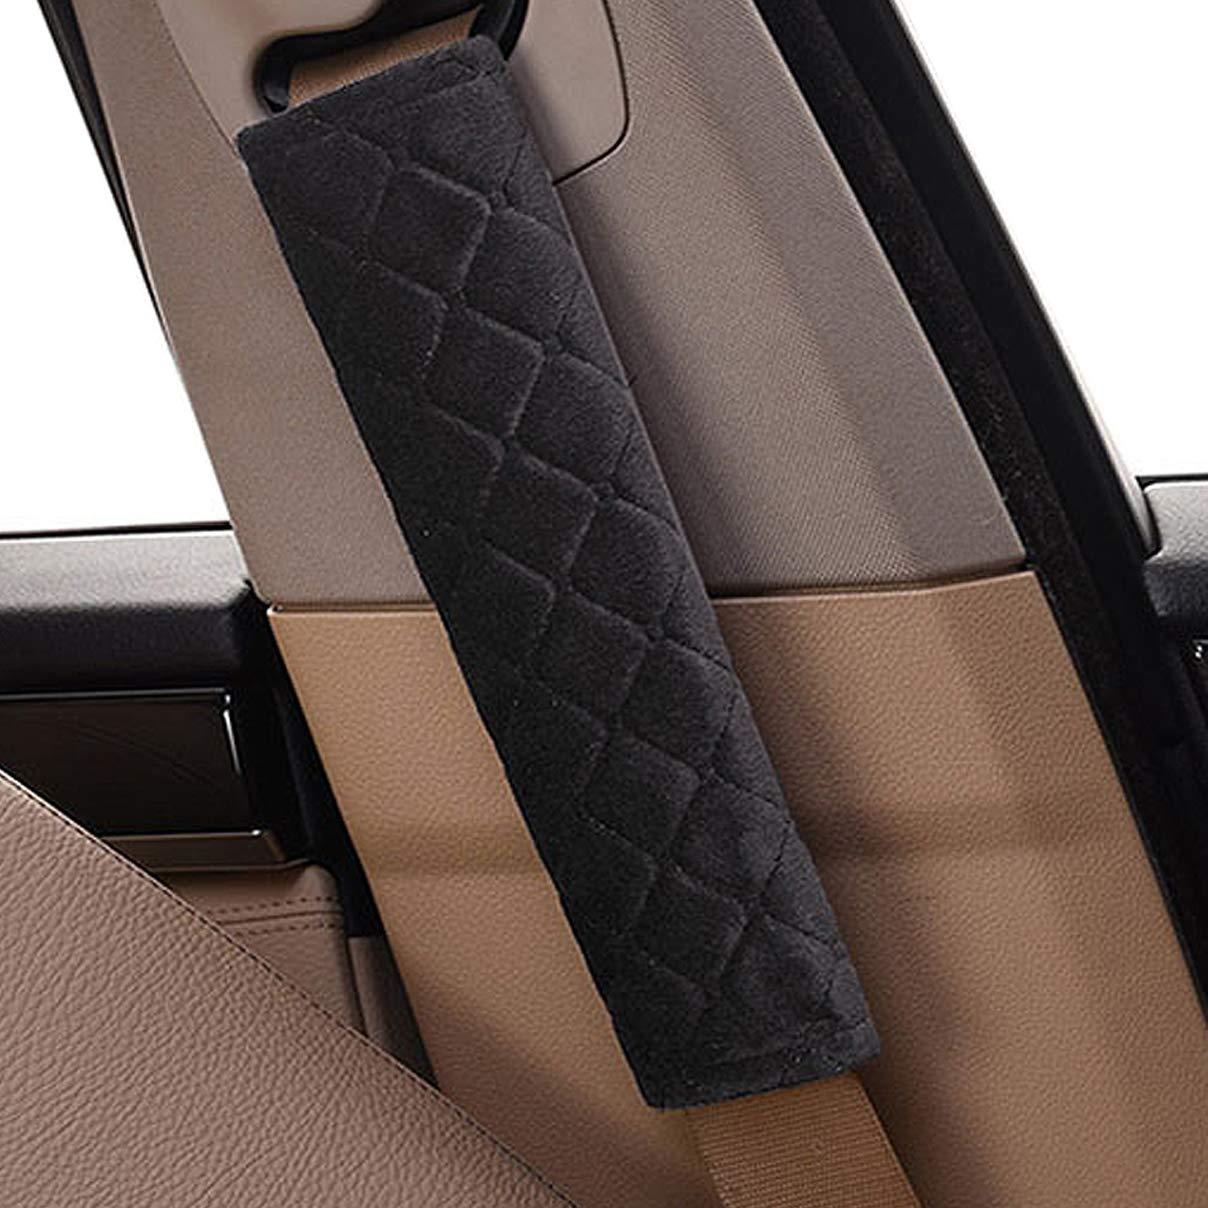 Grigio Imbottiture Cintura Protezioni Comfort per Cintura di Sicurezza Auto Per bambini e adulti auto cintura di sicurezza comfort 2 pezzi Cumay Guaine per cintura di sicurezza